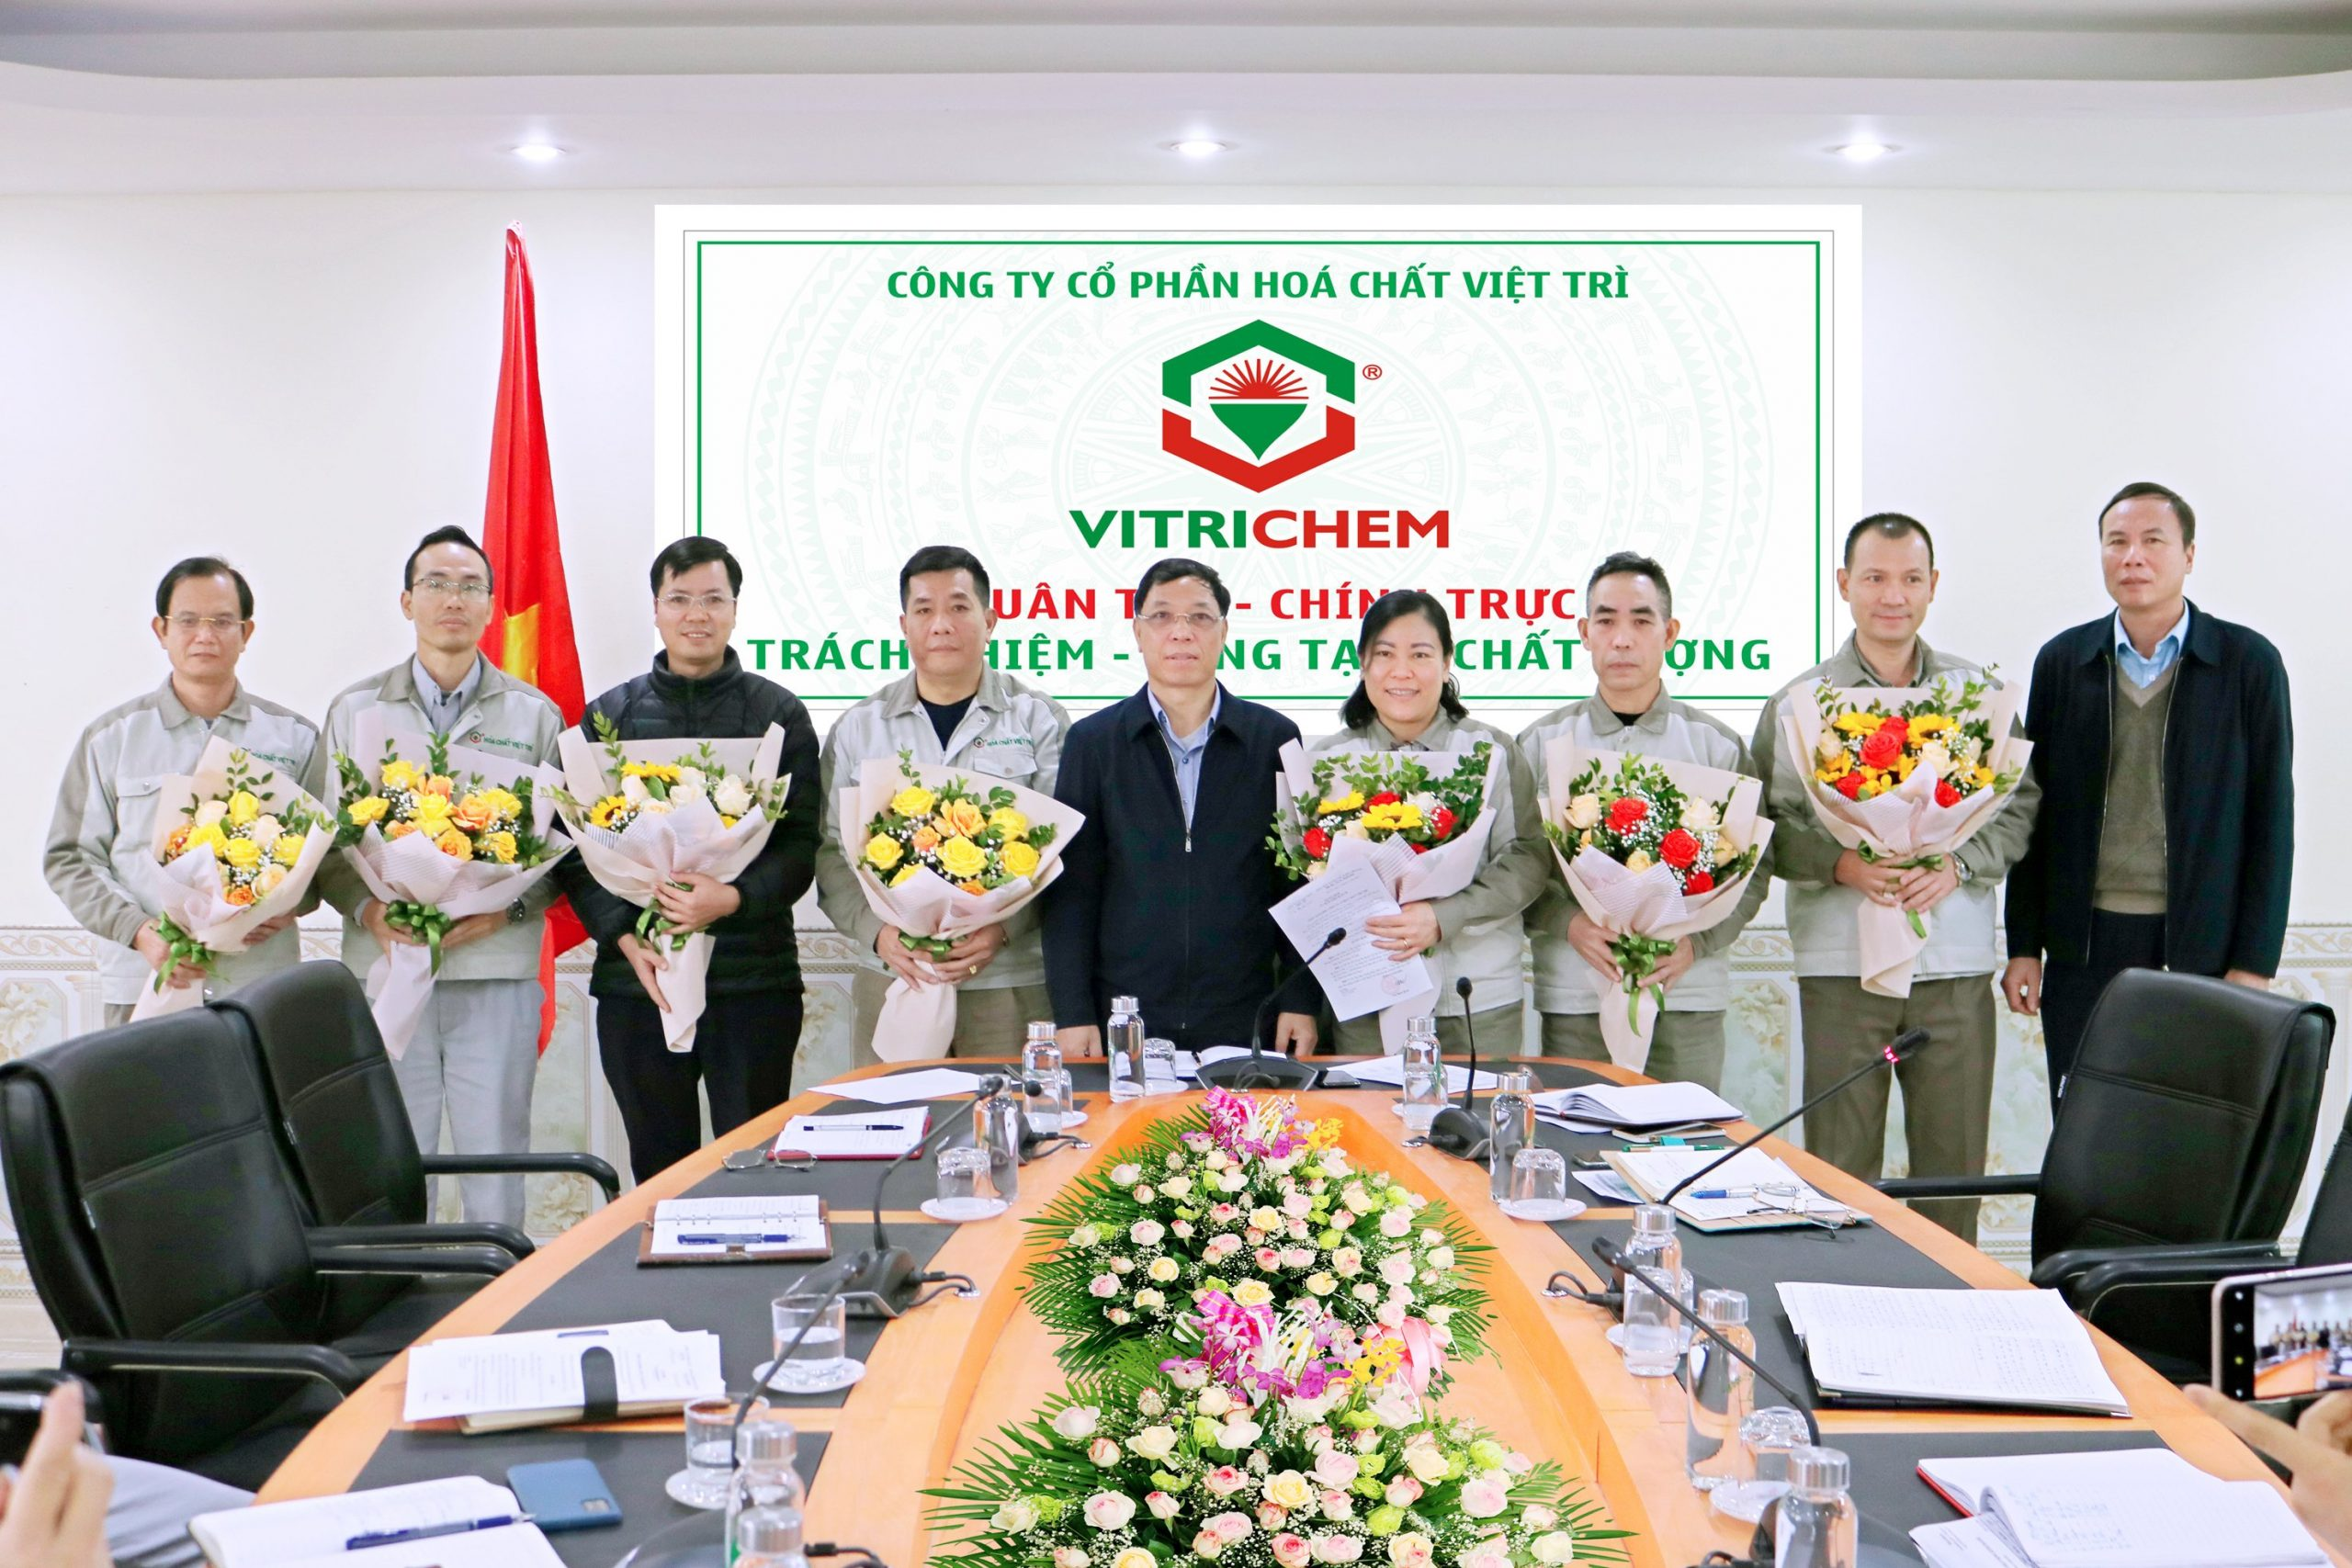 Phiên họp cán bộ chủ chốt VITRICHEM đầu tiên năm 2021